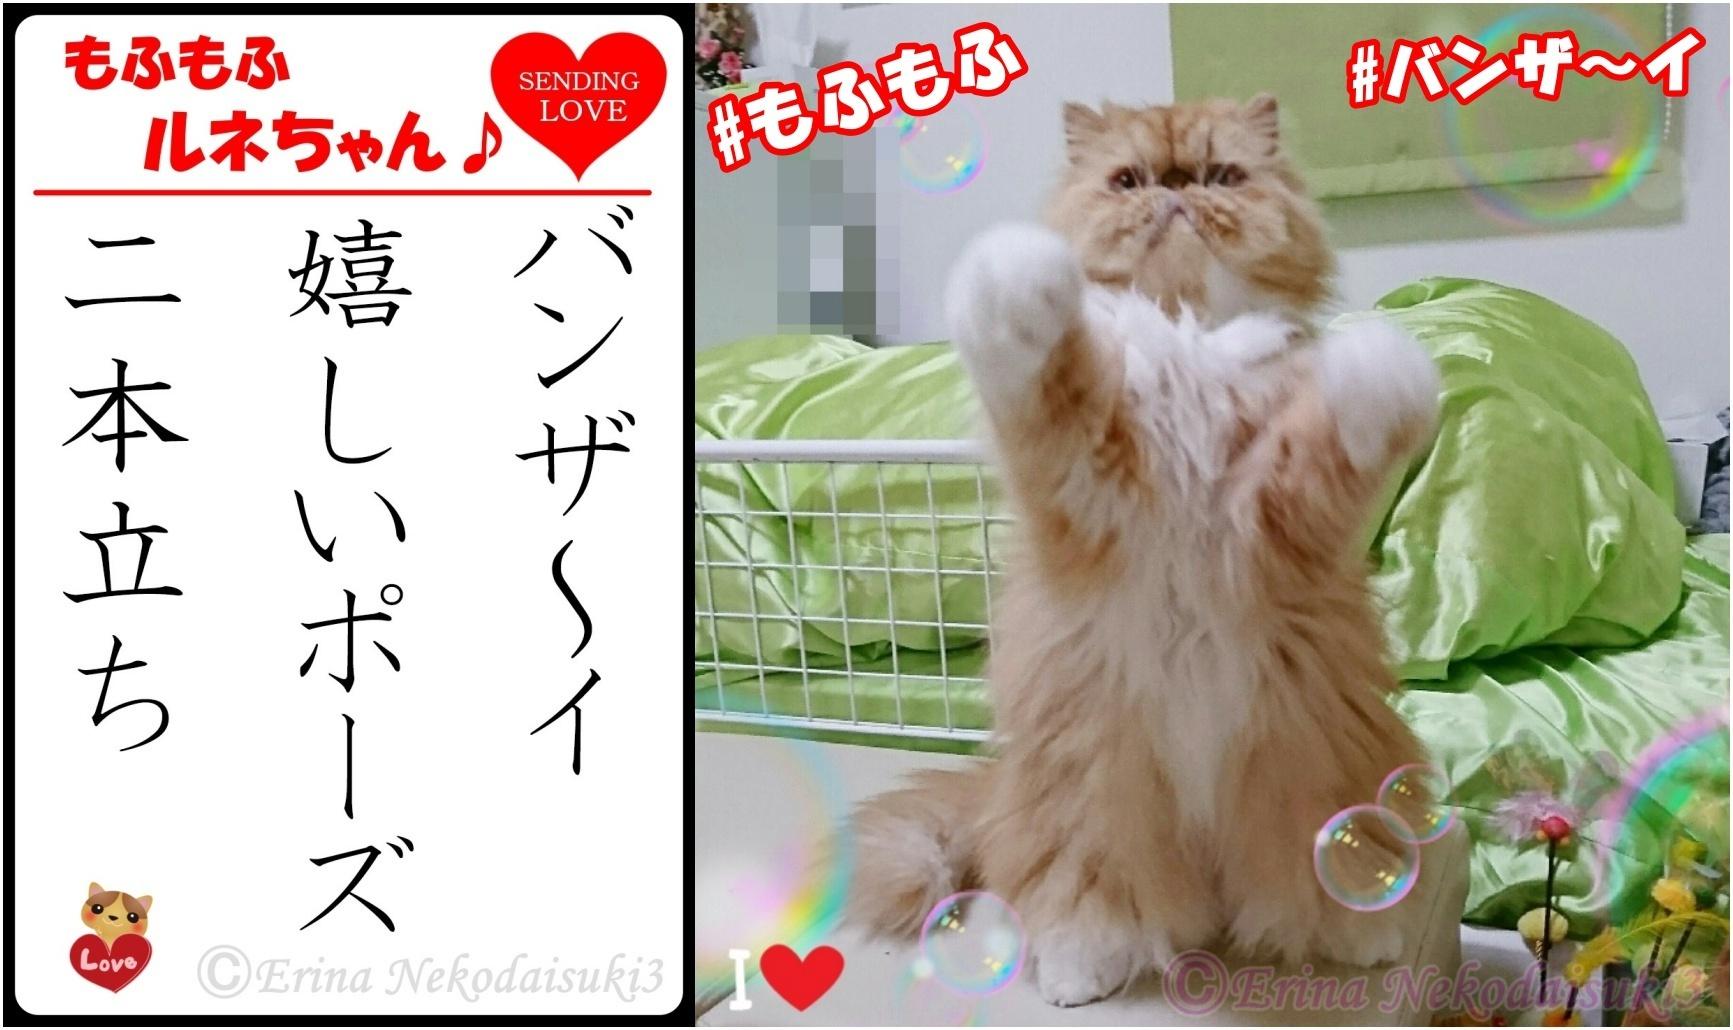 2連結Ⓒ猫川柳ルネバンザ~イ嬉しいポーズ二本立ち-side.jpg